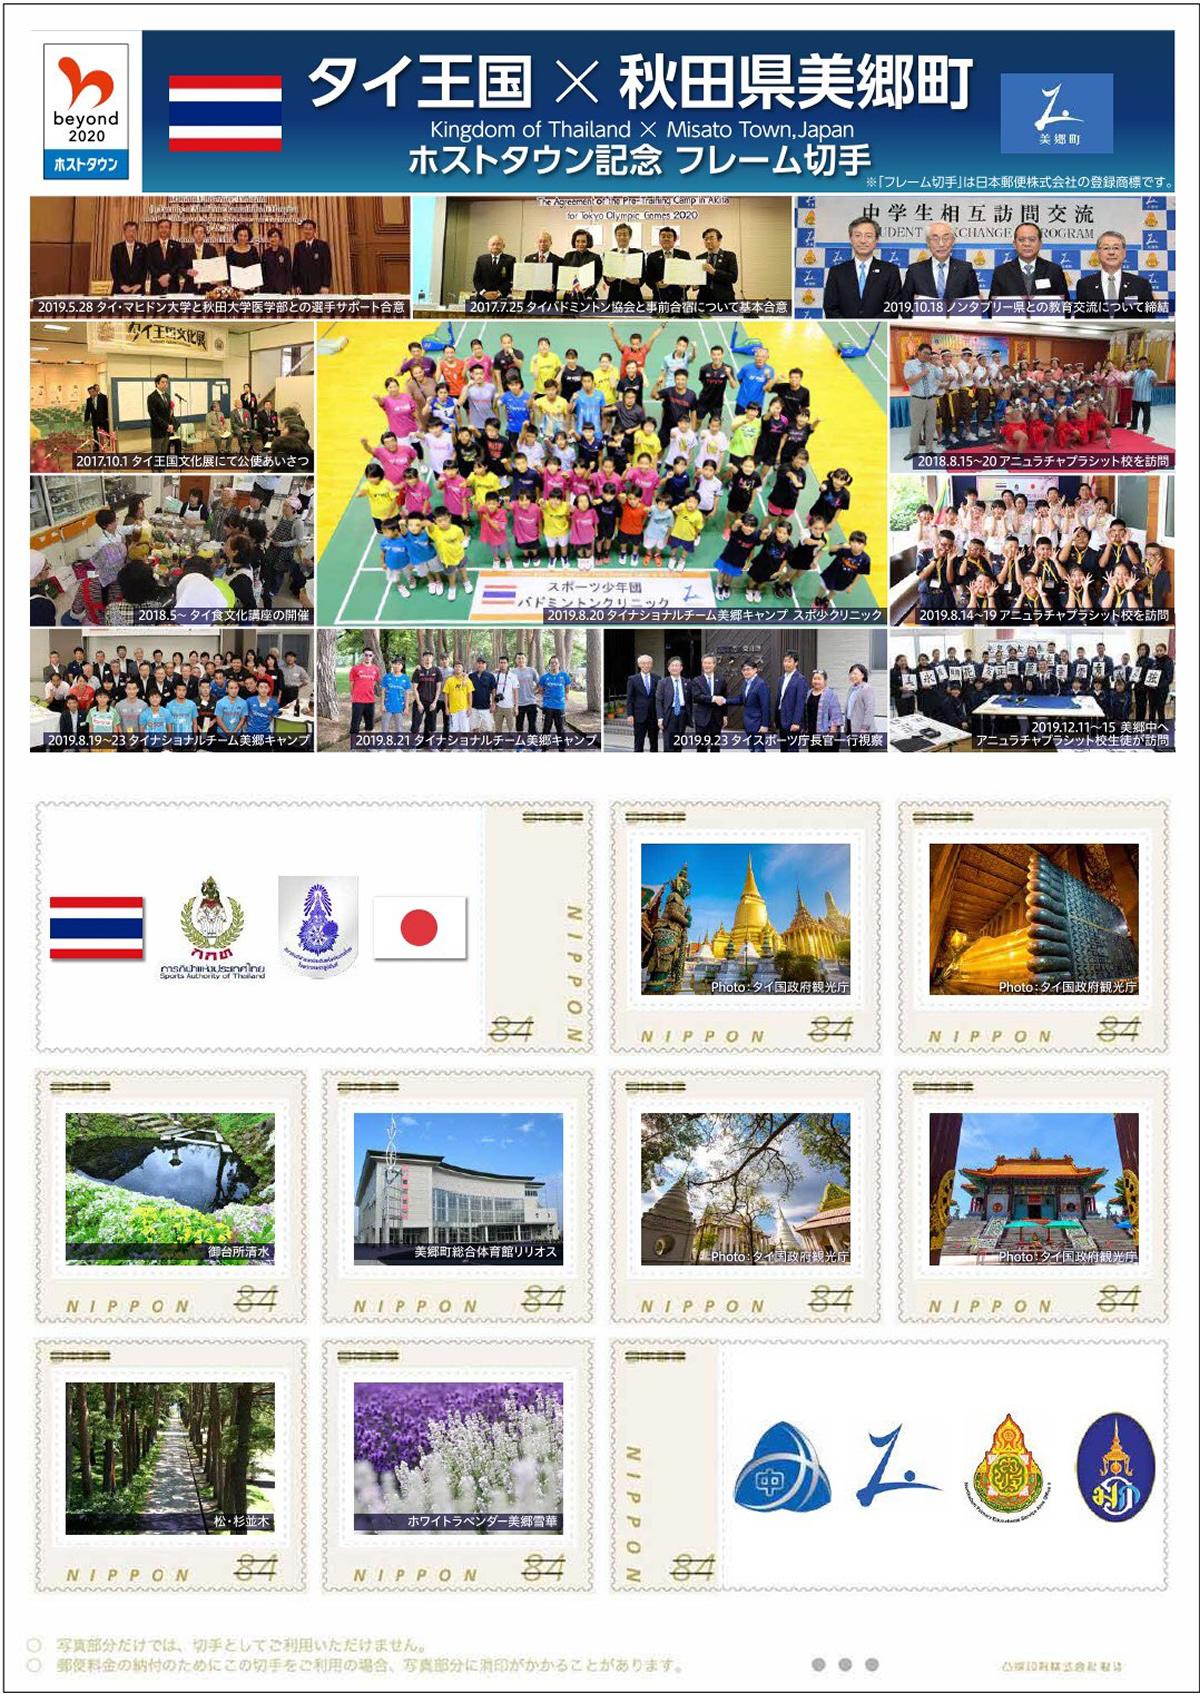 「タイ王国×秋田県美郷町ホストタウン記念 フレーム切手」発売